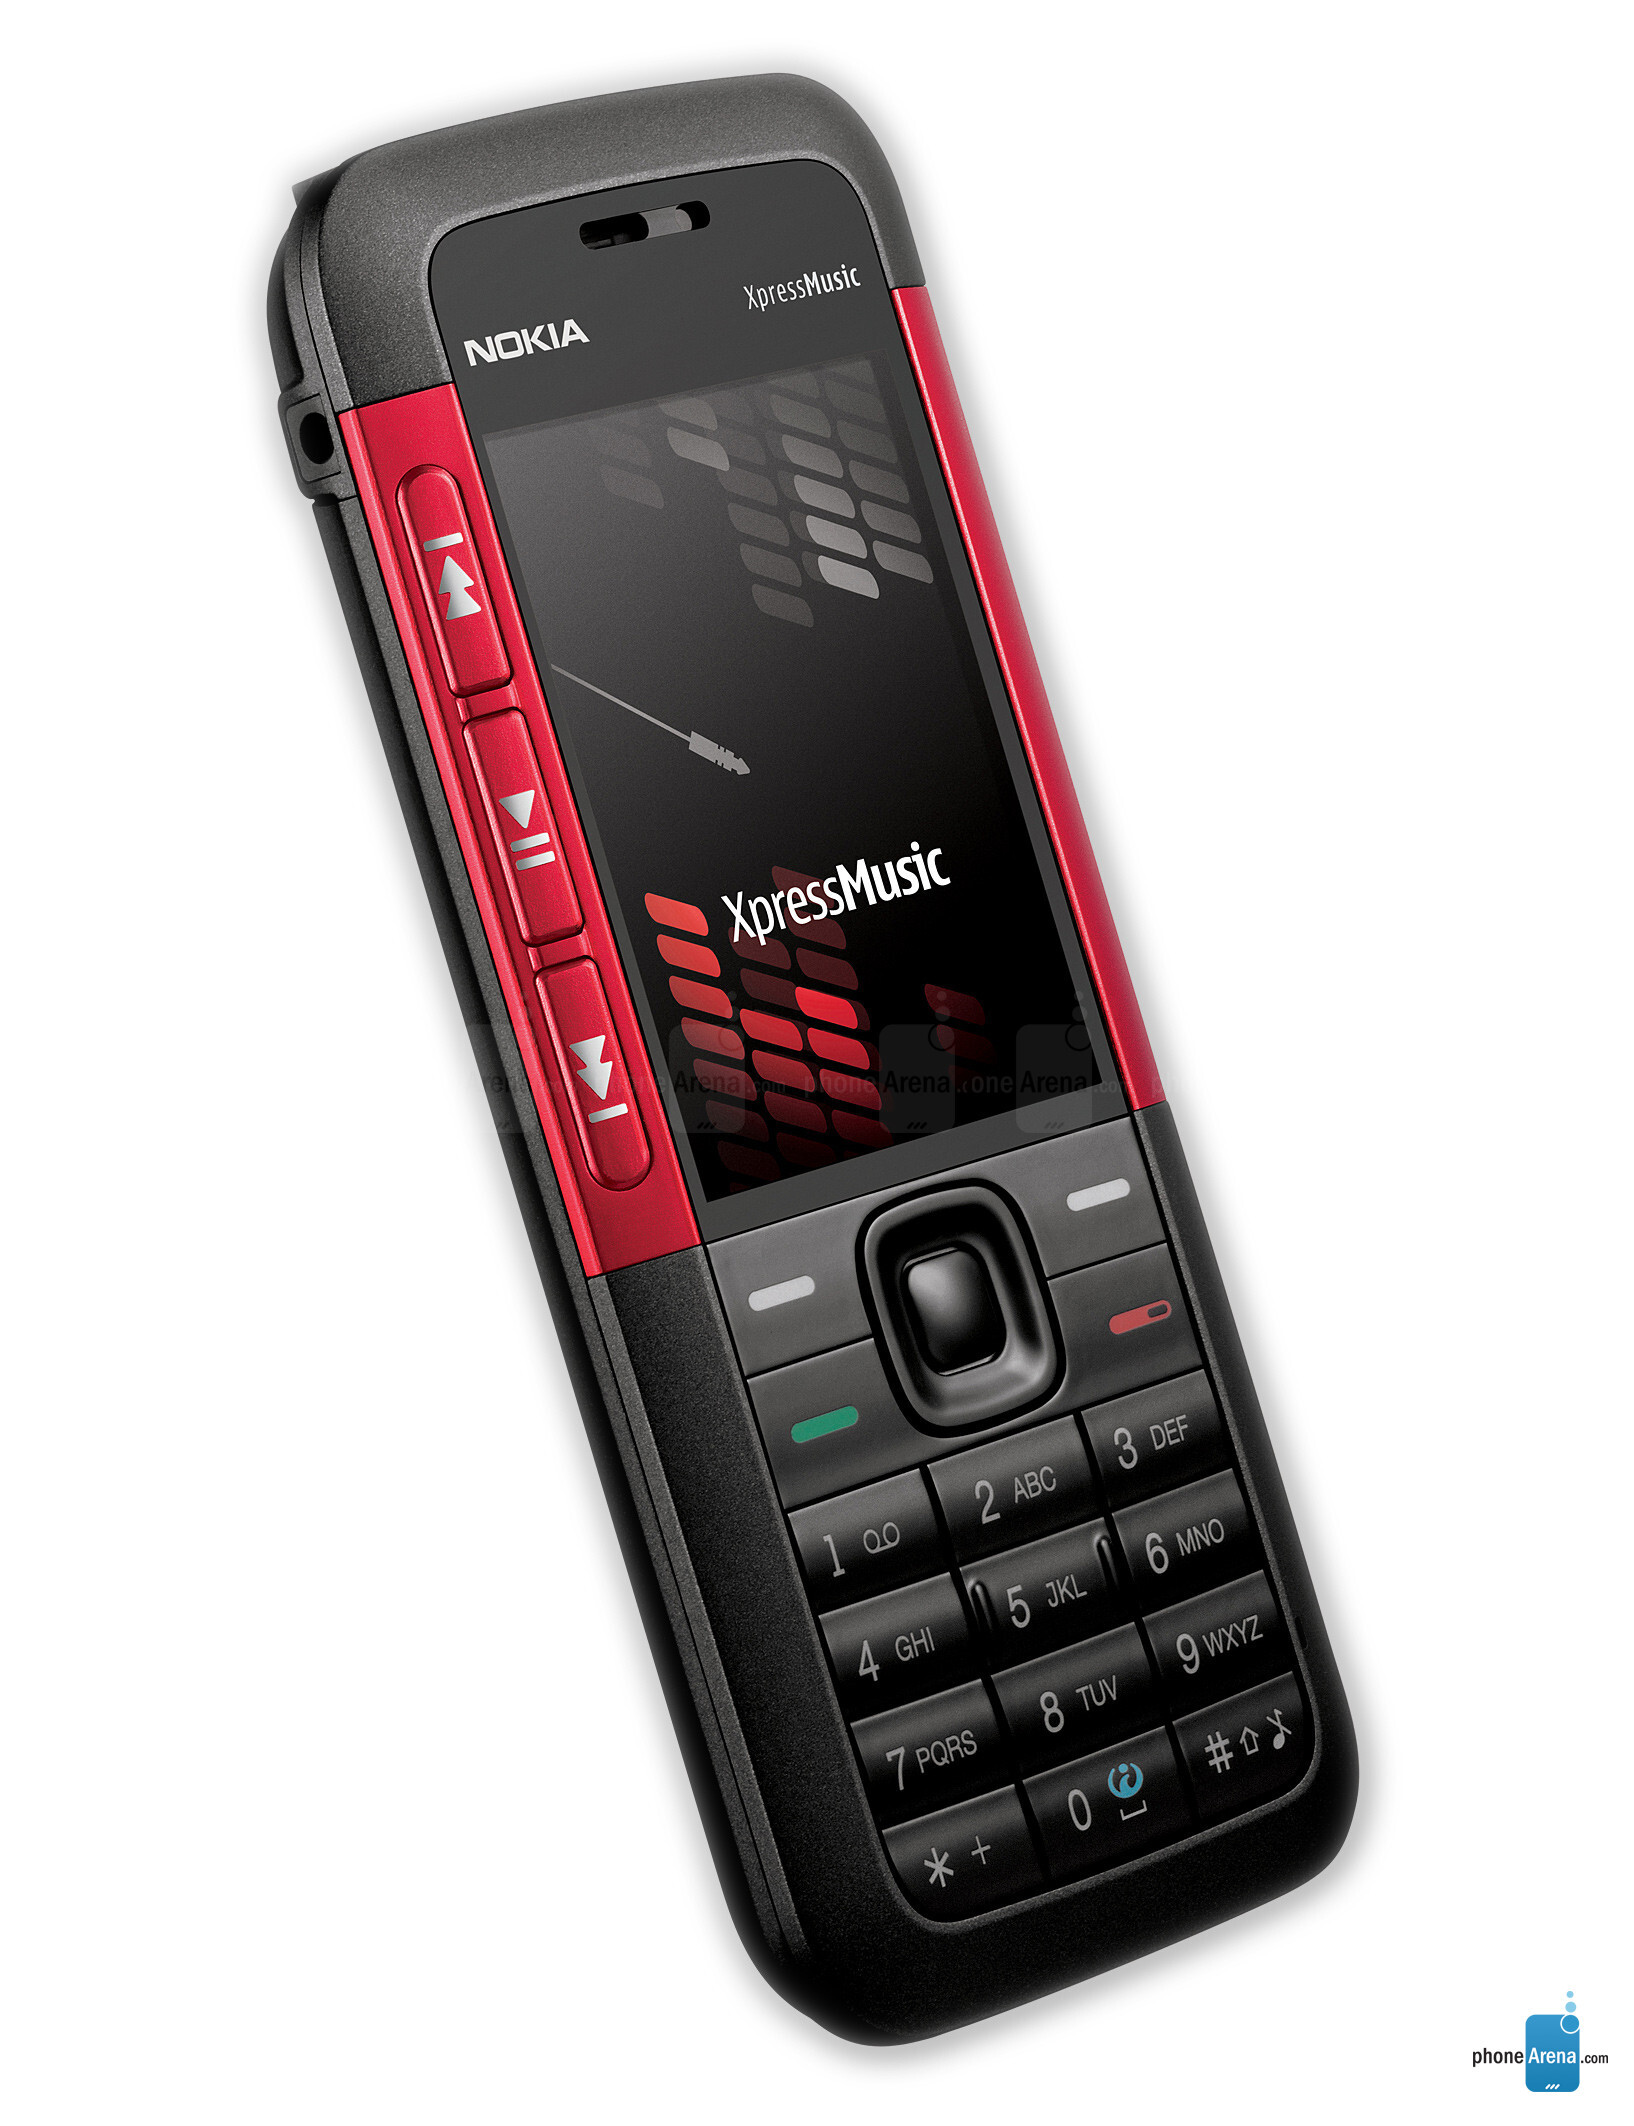 Nokia xpressmusic mobile price